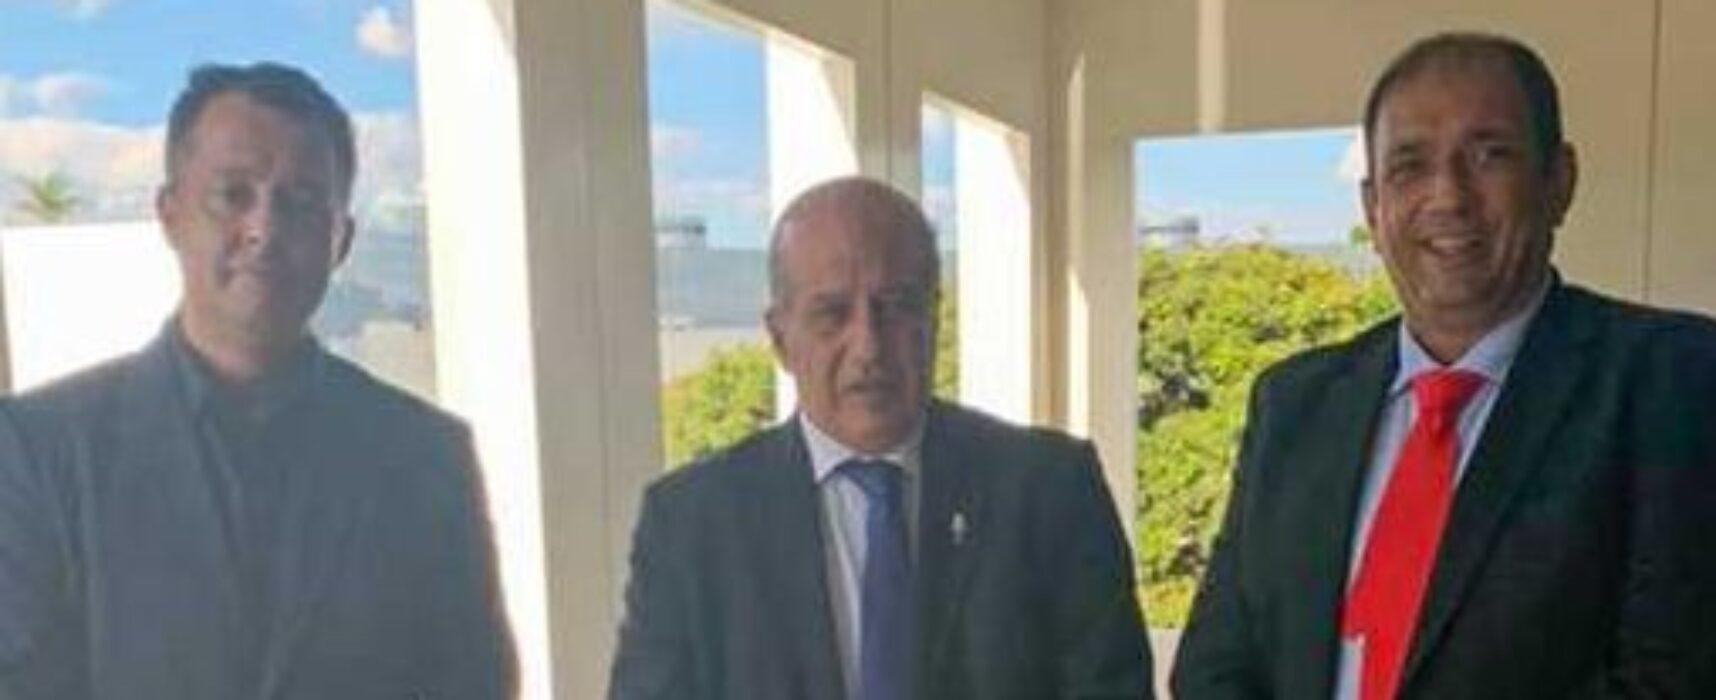 Prefeito Mário Alexandre visita TCU e convida ministro para conhecer Ilhéus